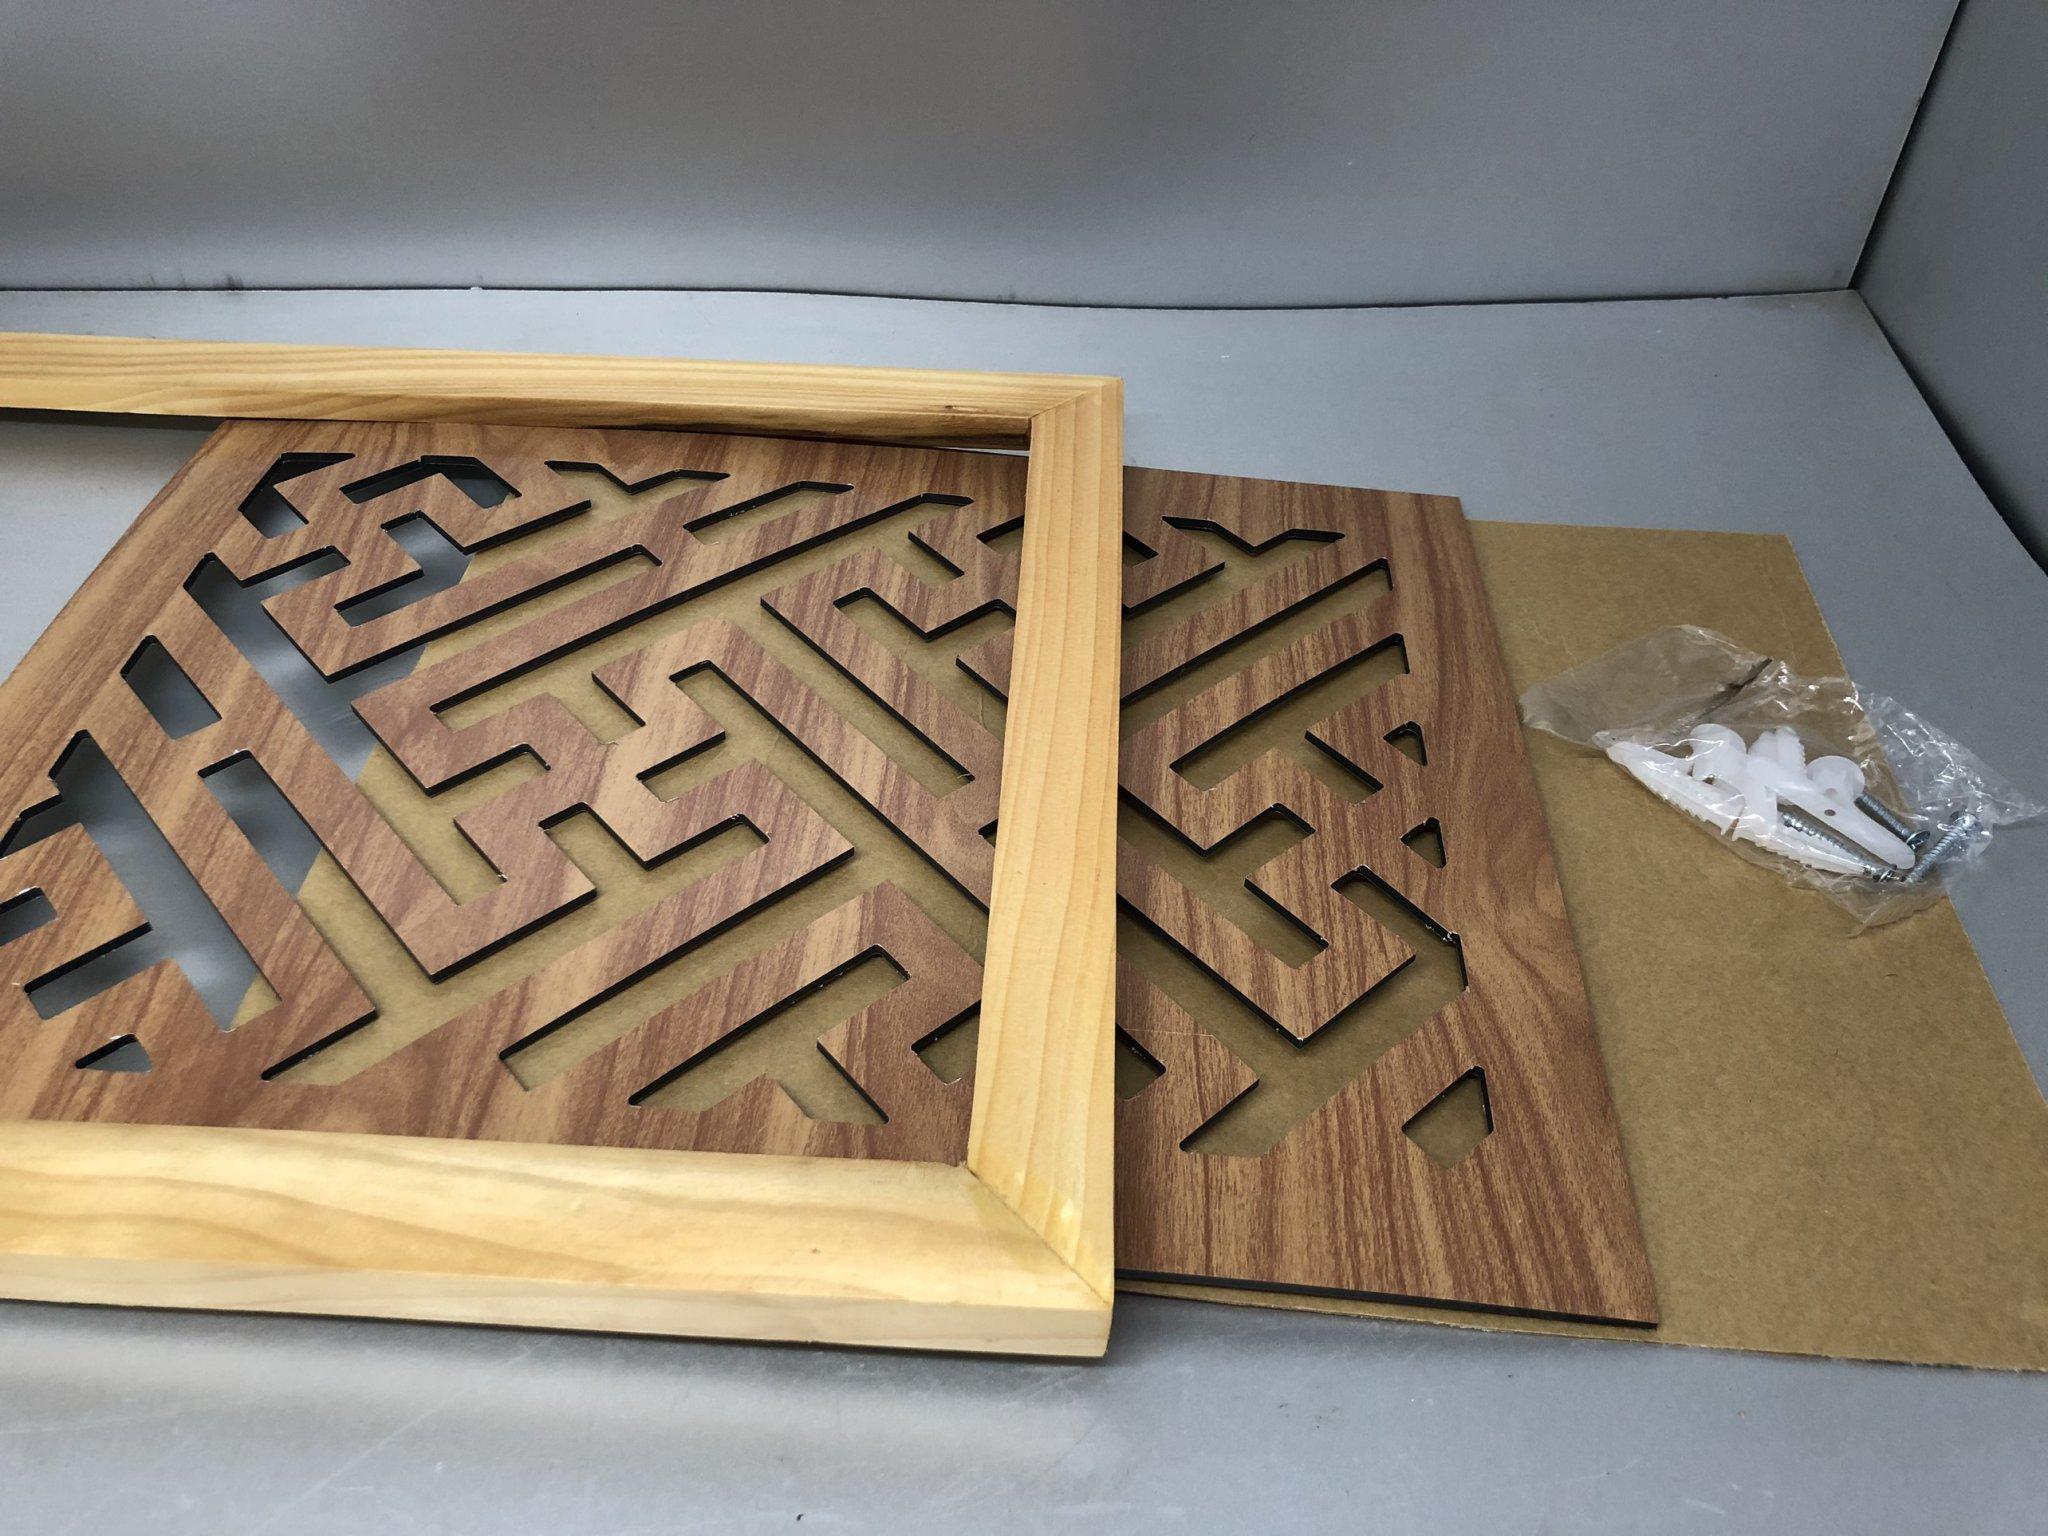 Tấm chống ám khói 3 lớp khung gỗ sồi vàng - TL02